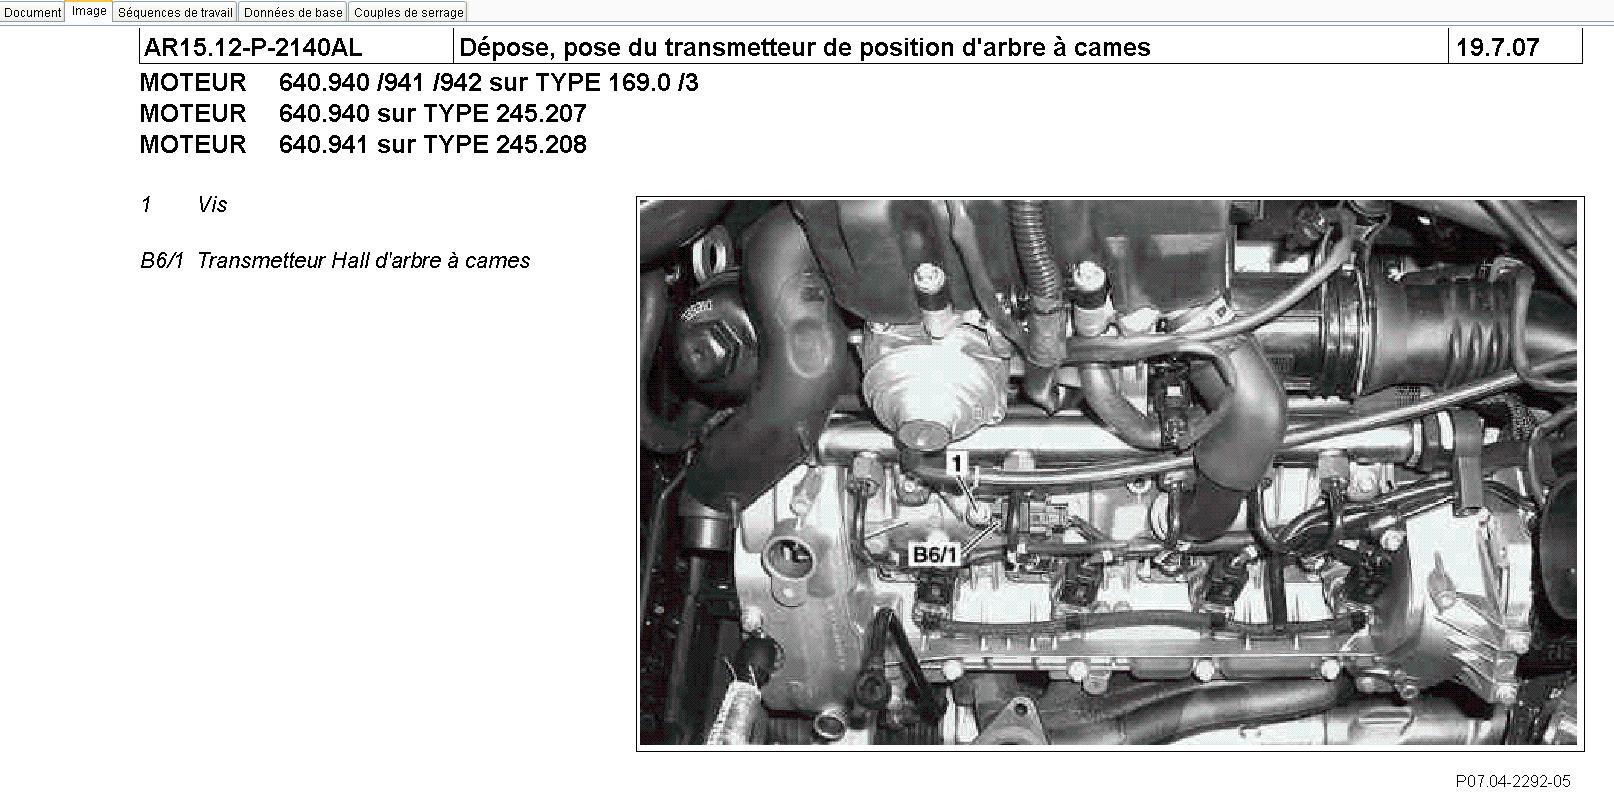 transmetteur-AAC-wdd169.jpeg